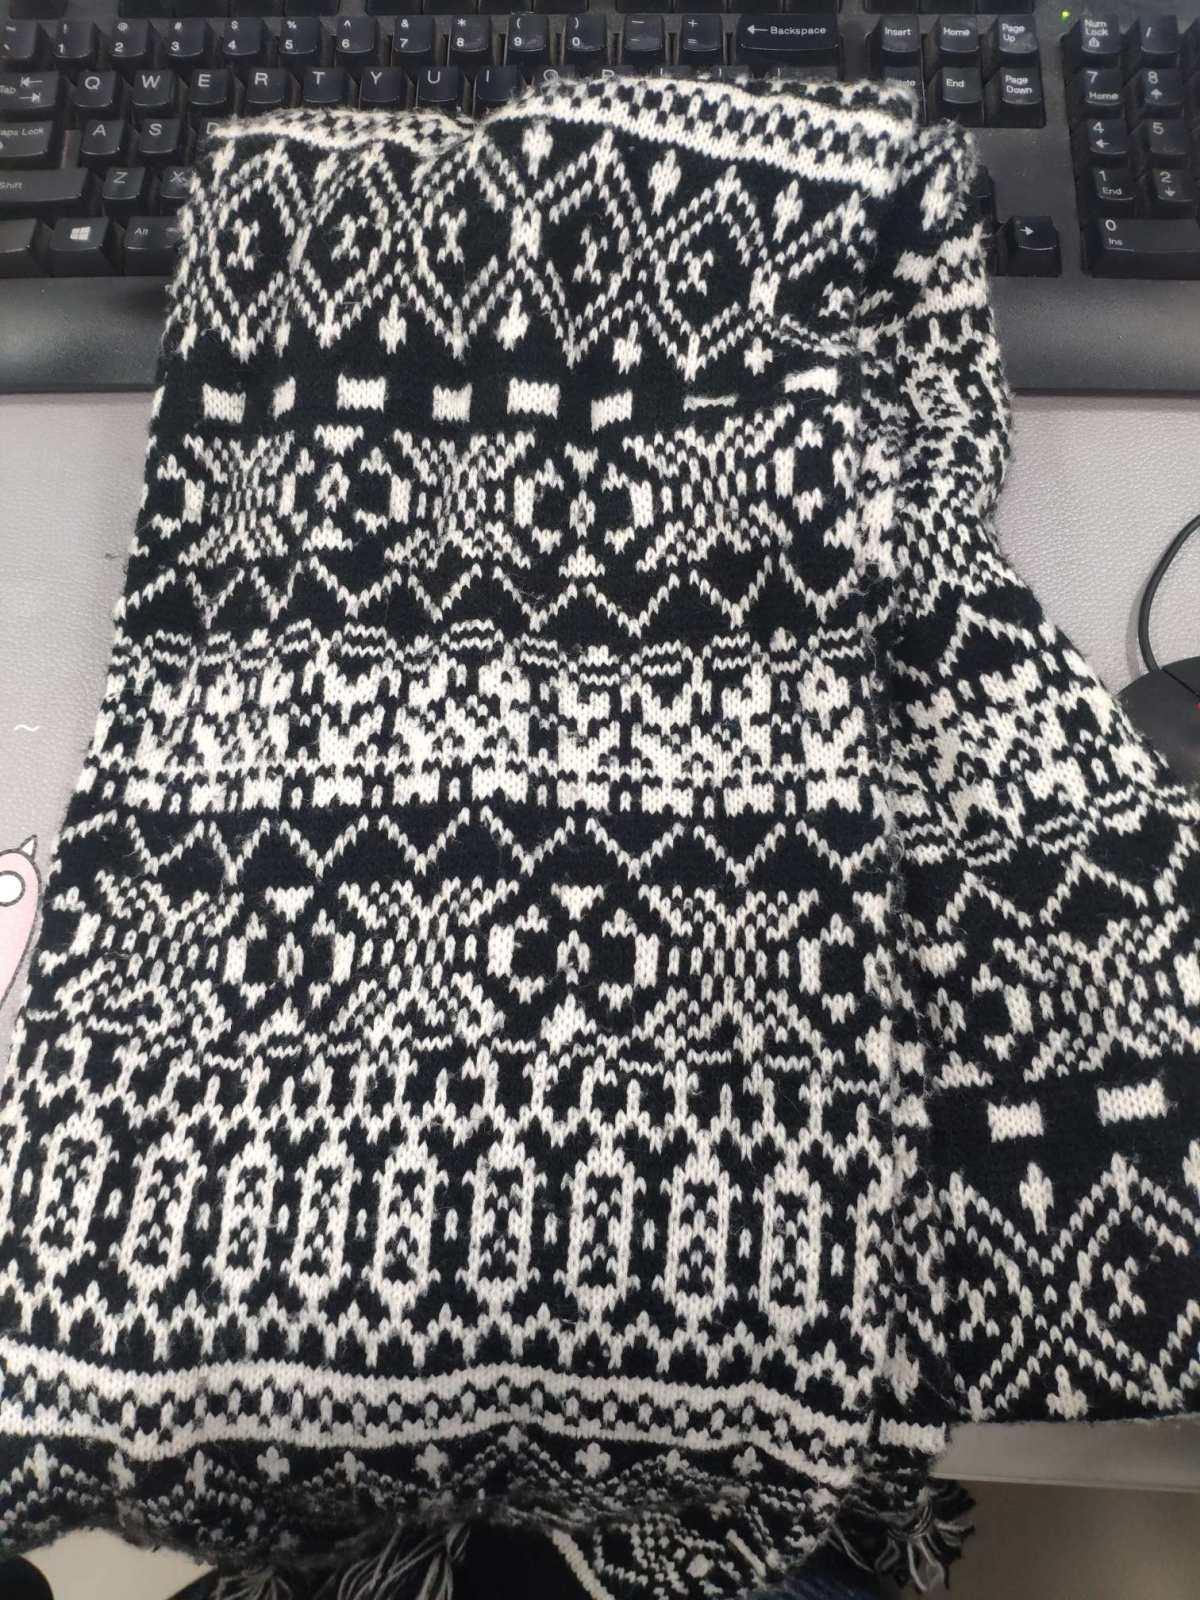 🔥冬季保暖神器🔥围巾  ⭕寒冷的冬季肯定少不了围巾🧣了